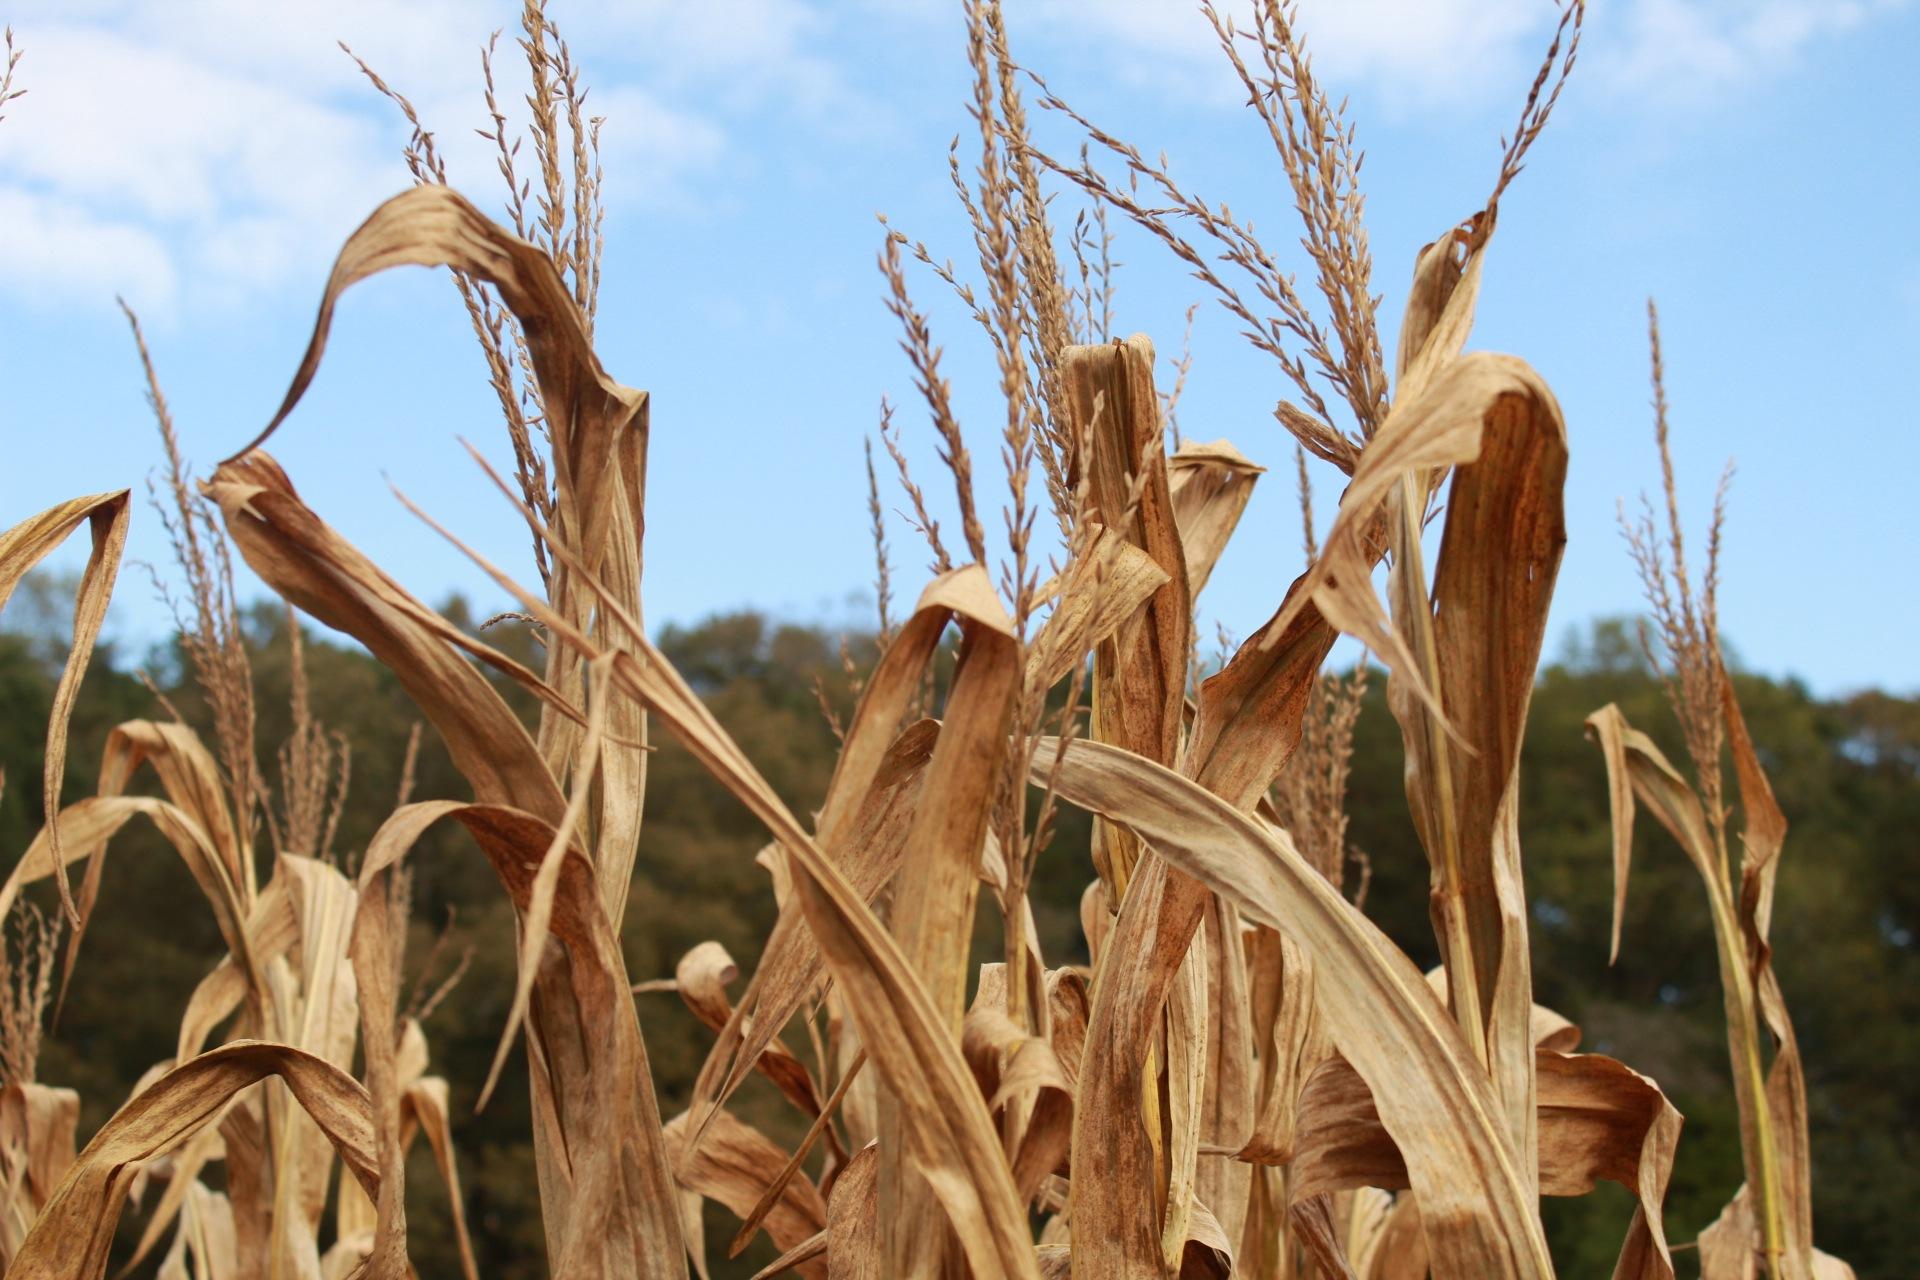 In the corn field by Jeremiah j fulwood